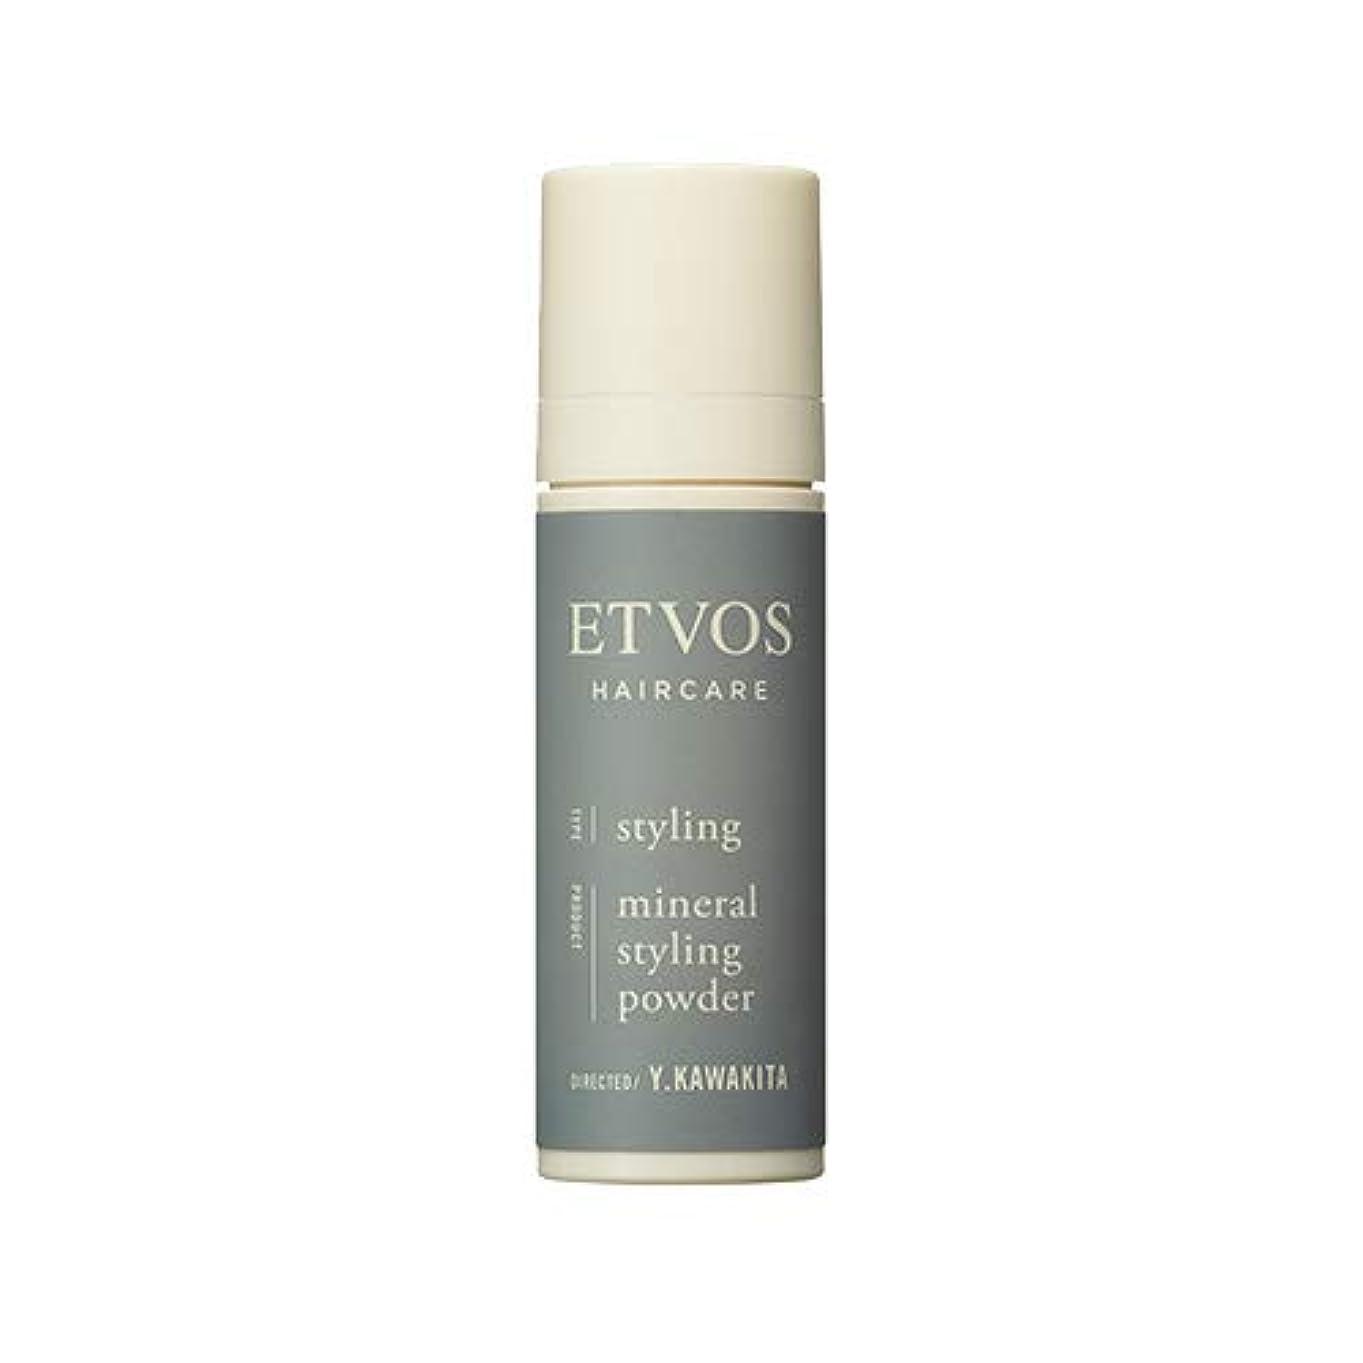 ラビリンス六月行動ETVOS(エトヴォス) ミネラルスタイリングパウダー 6g ノンシリコン 頭皮の臭い/汗対策 【河北裕介コラボ】